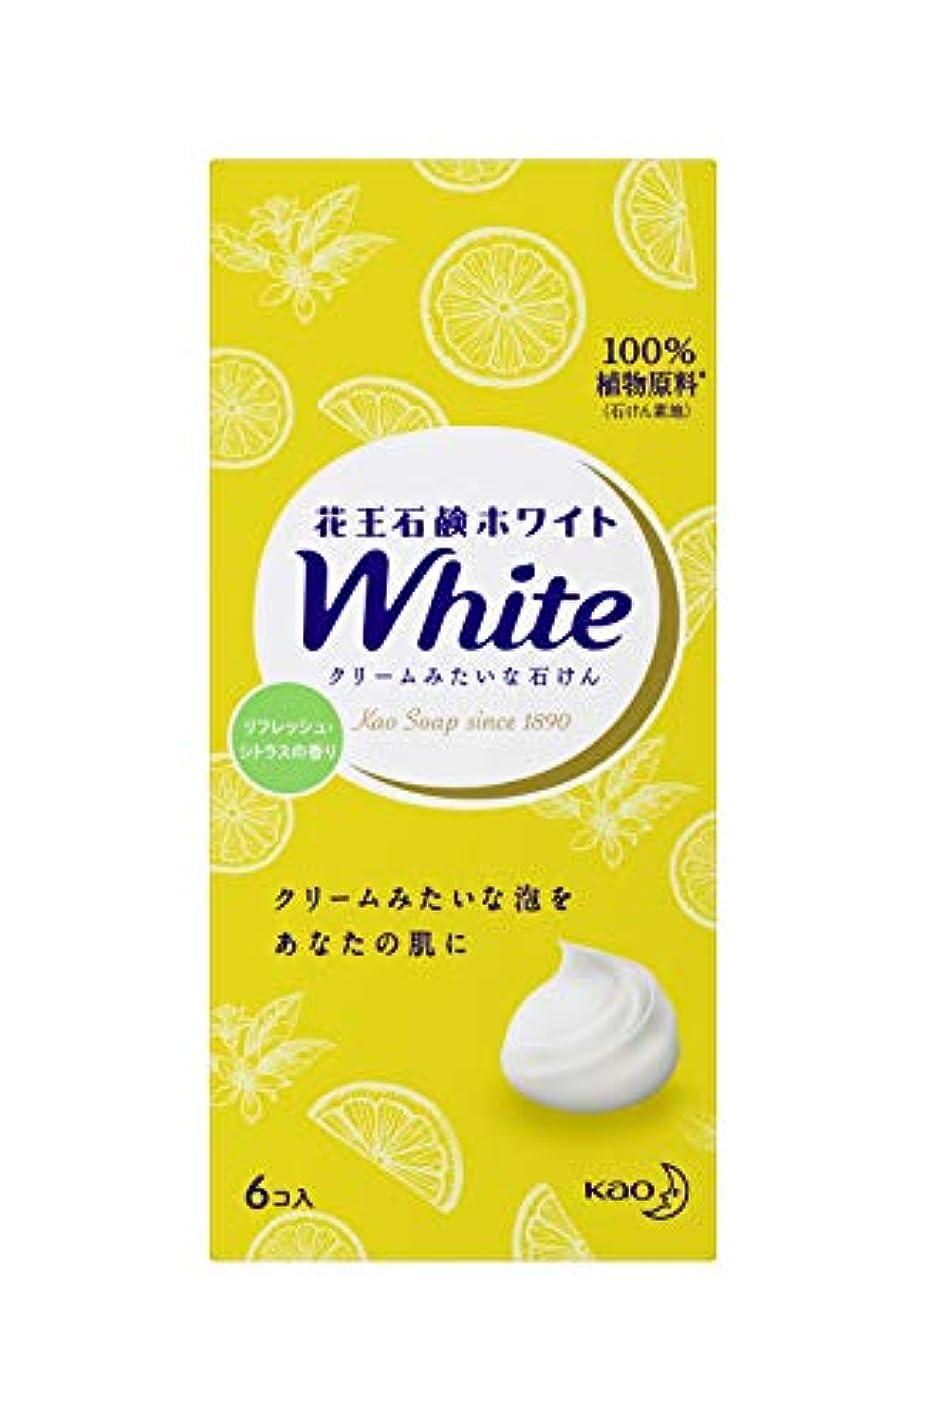 まどろみのあるラップ報復する花王ホワイト リフレッシュシトラスの香り レギュラーサイズ6コ